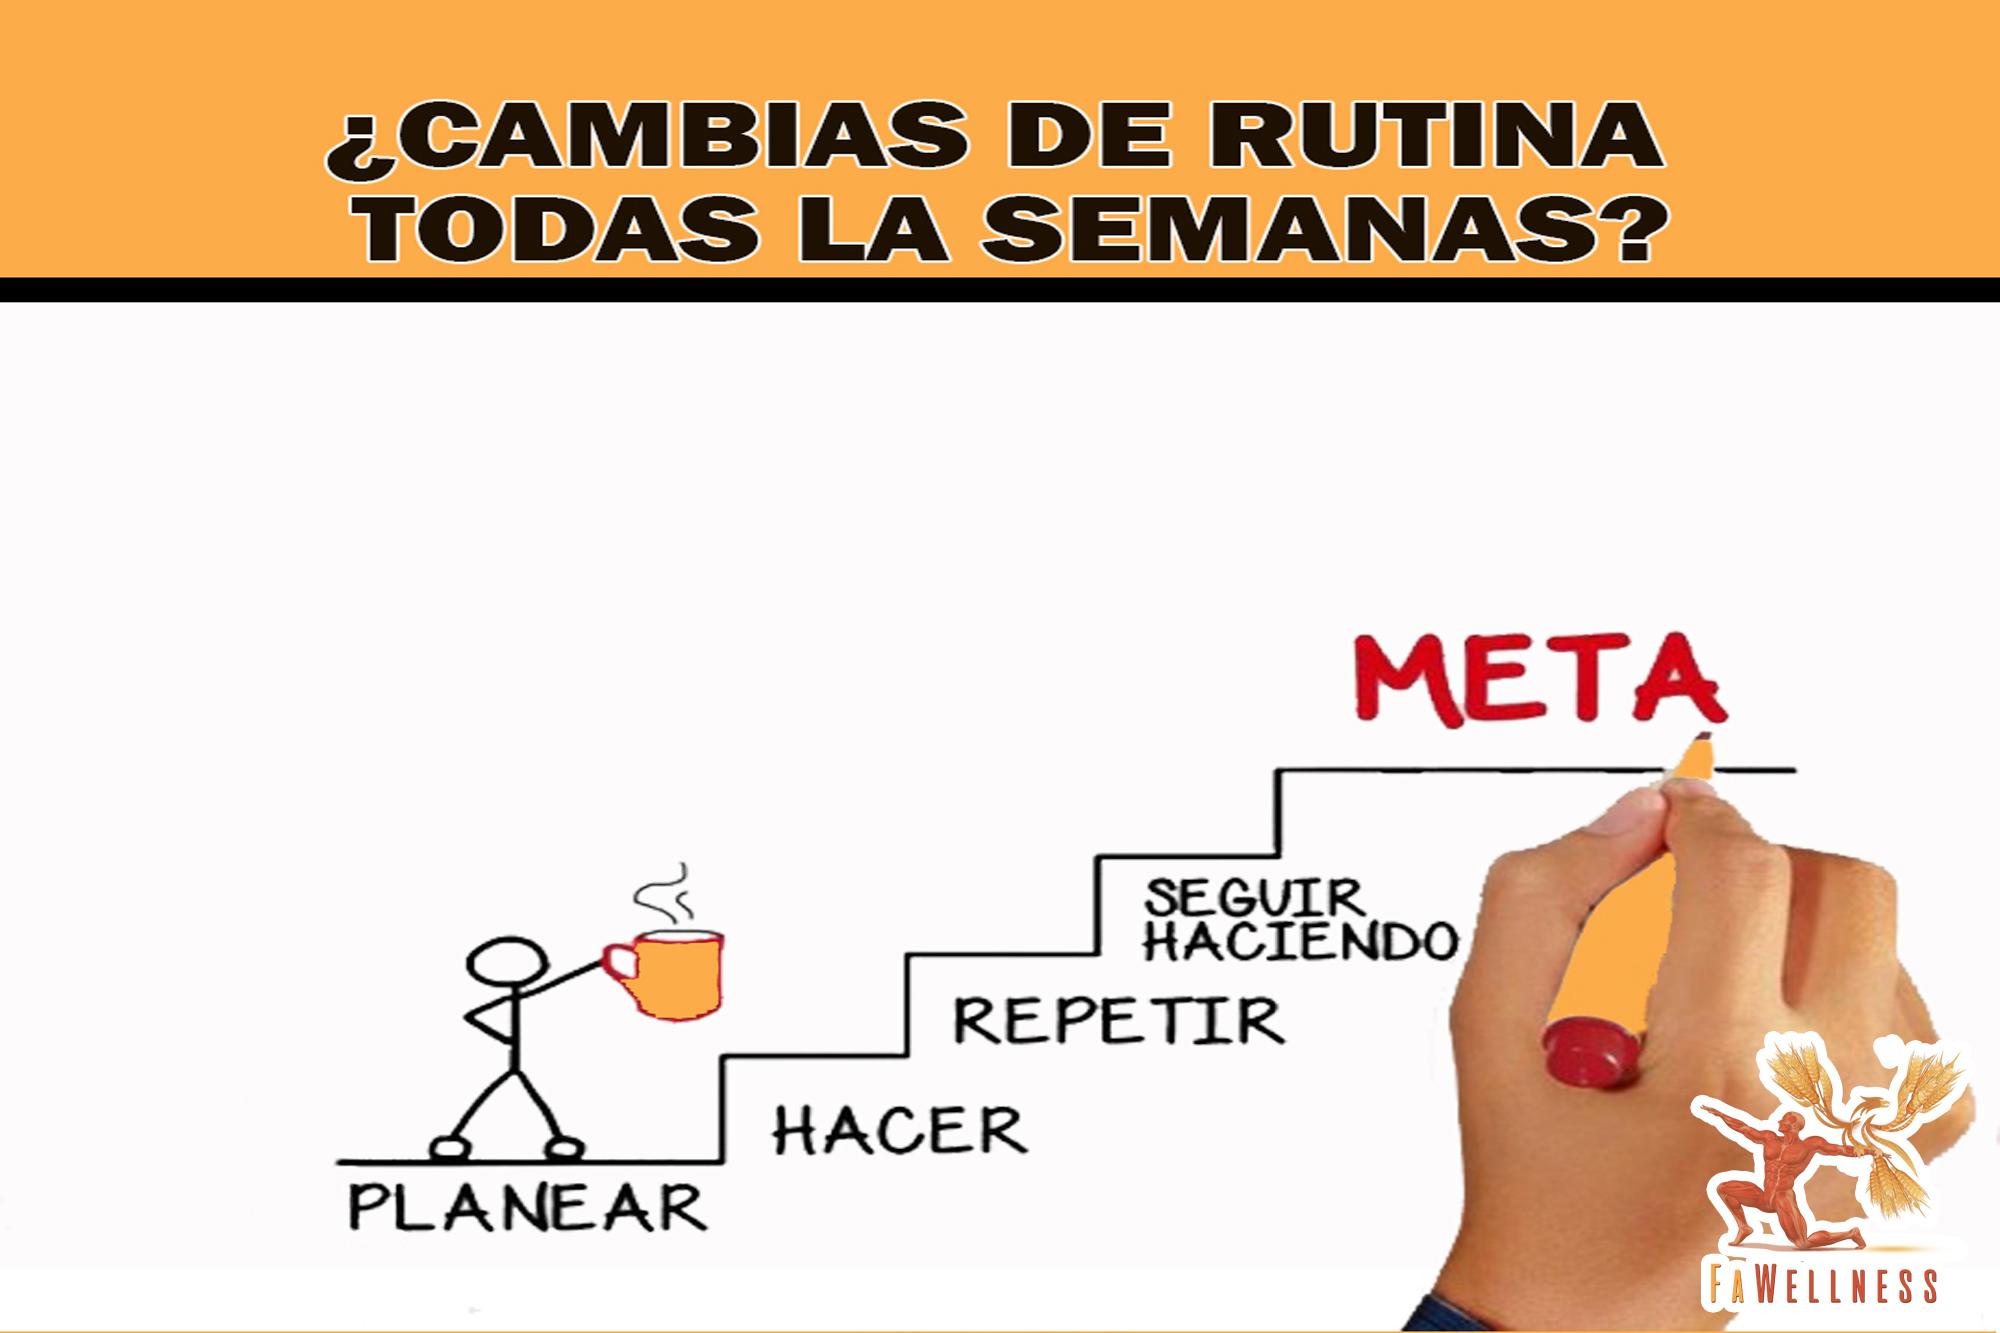 imagen blog FaWellness | ¿CAMBIAS DE RUTINA TODAS LAS SEMANAS?